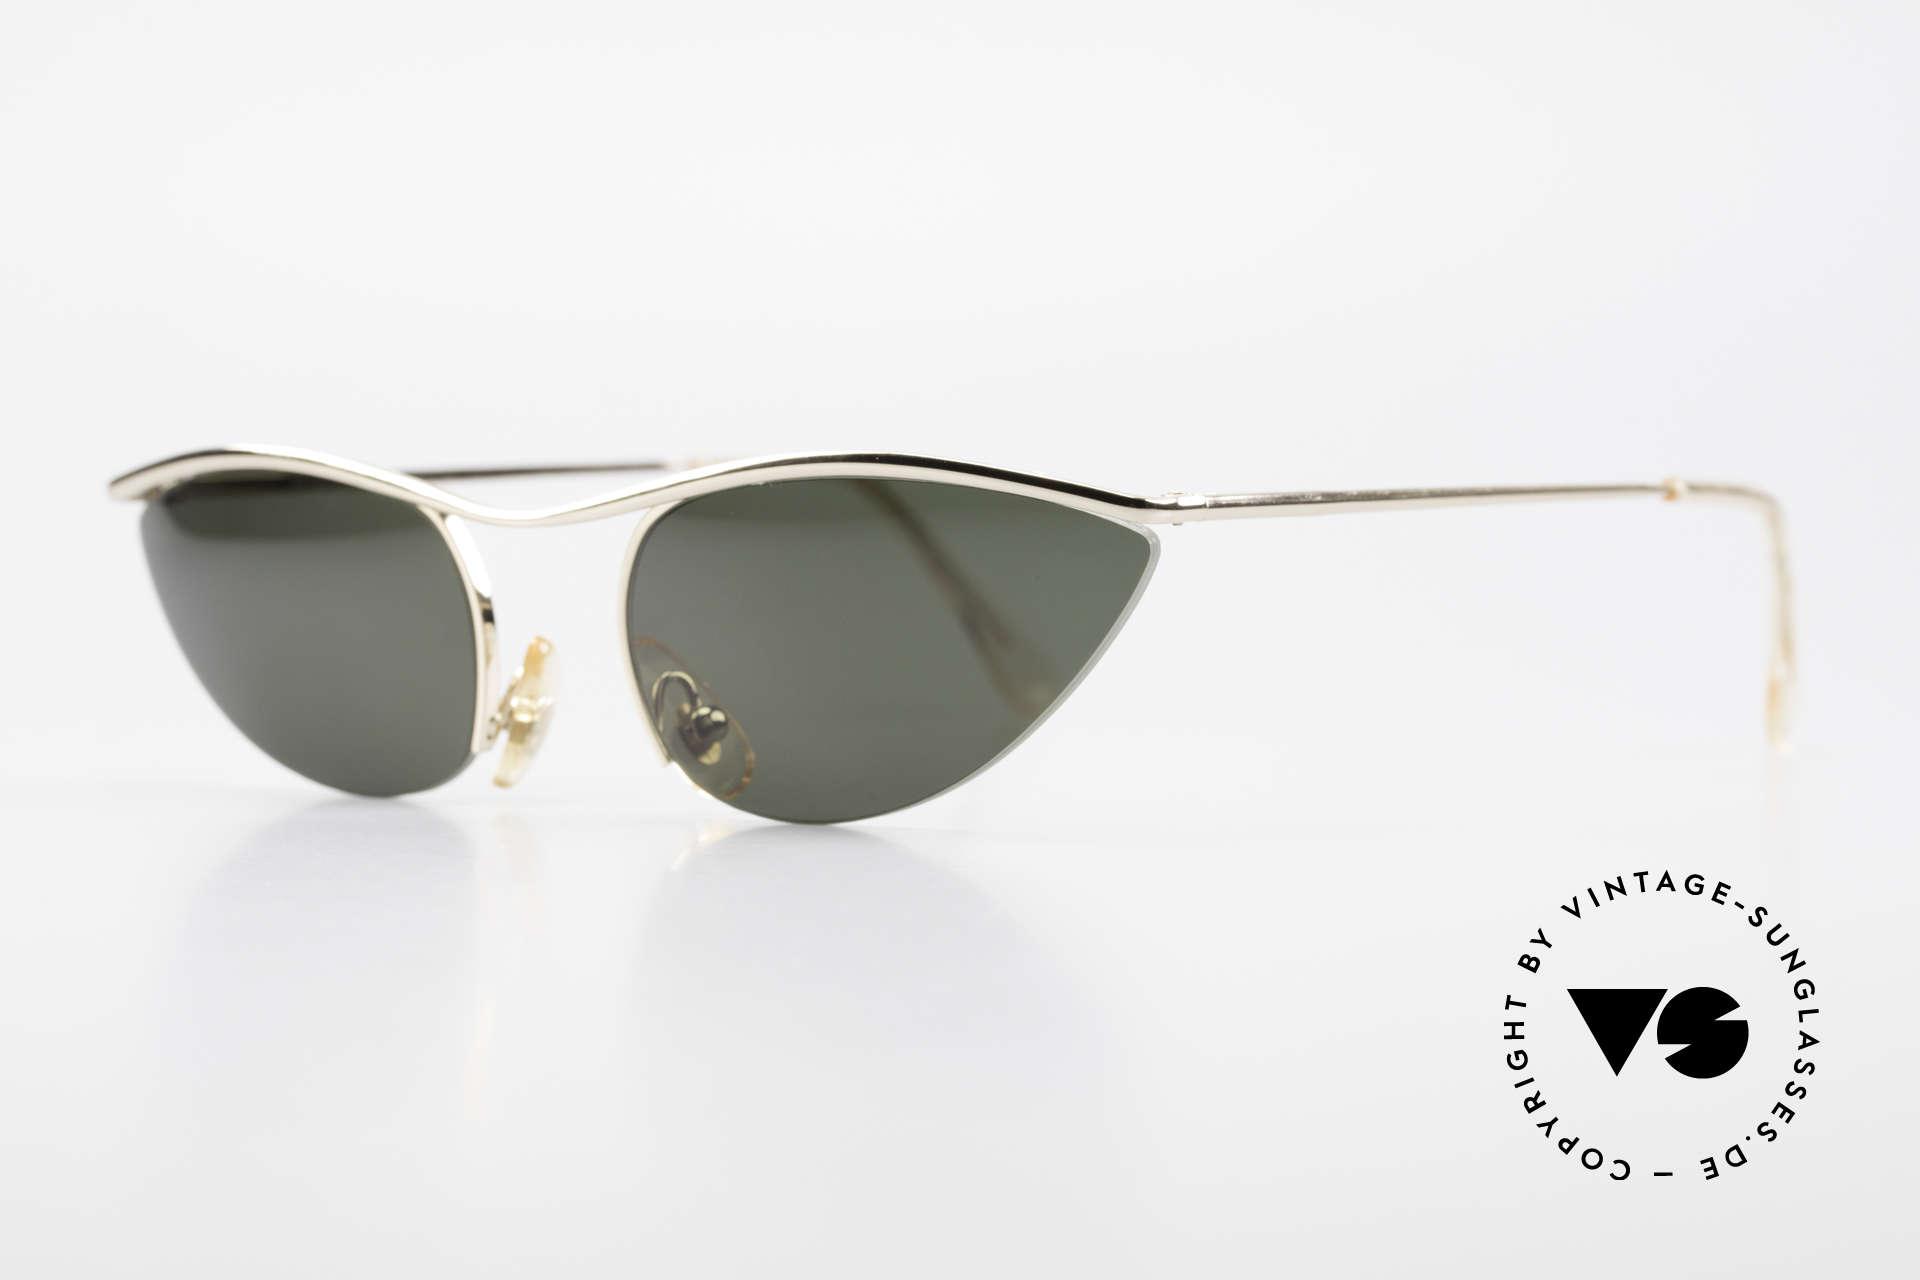 Cutler And Gross 0359 Cateye Designer Sonnenbrille, stilvoll & unverwechselbar; auch ohne pompöse Logos, Passend für Damen